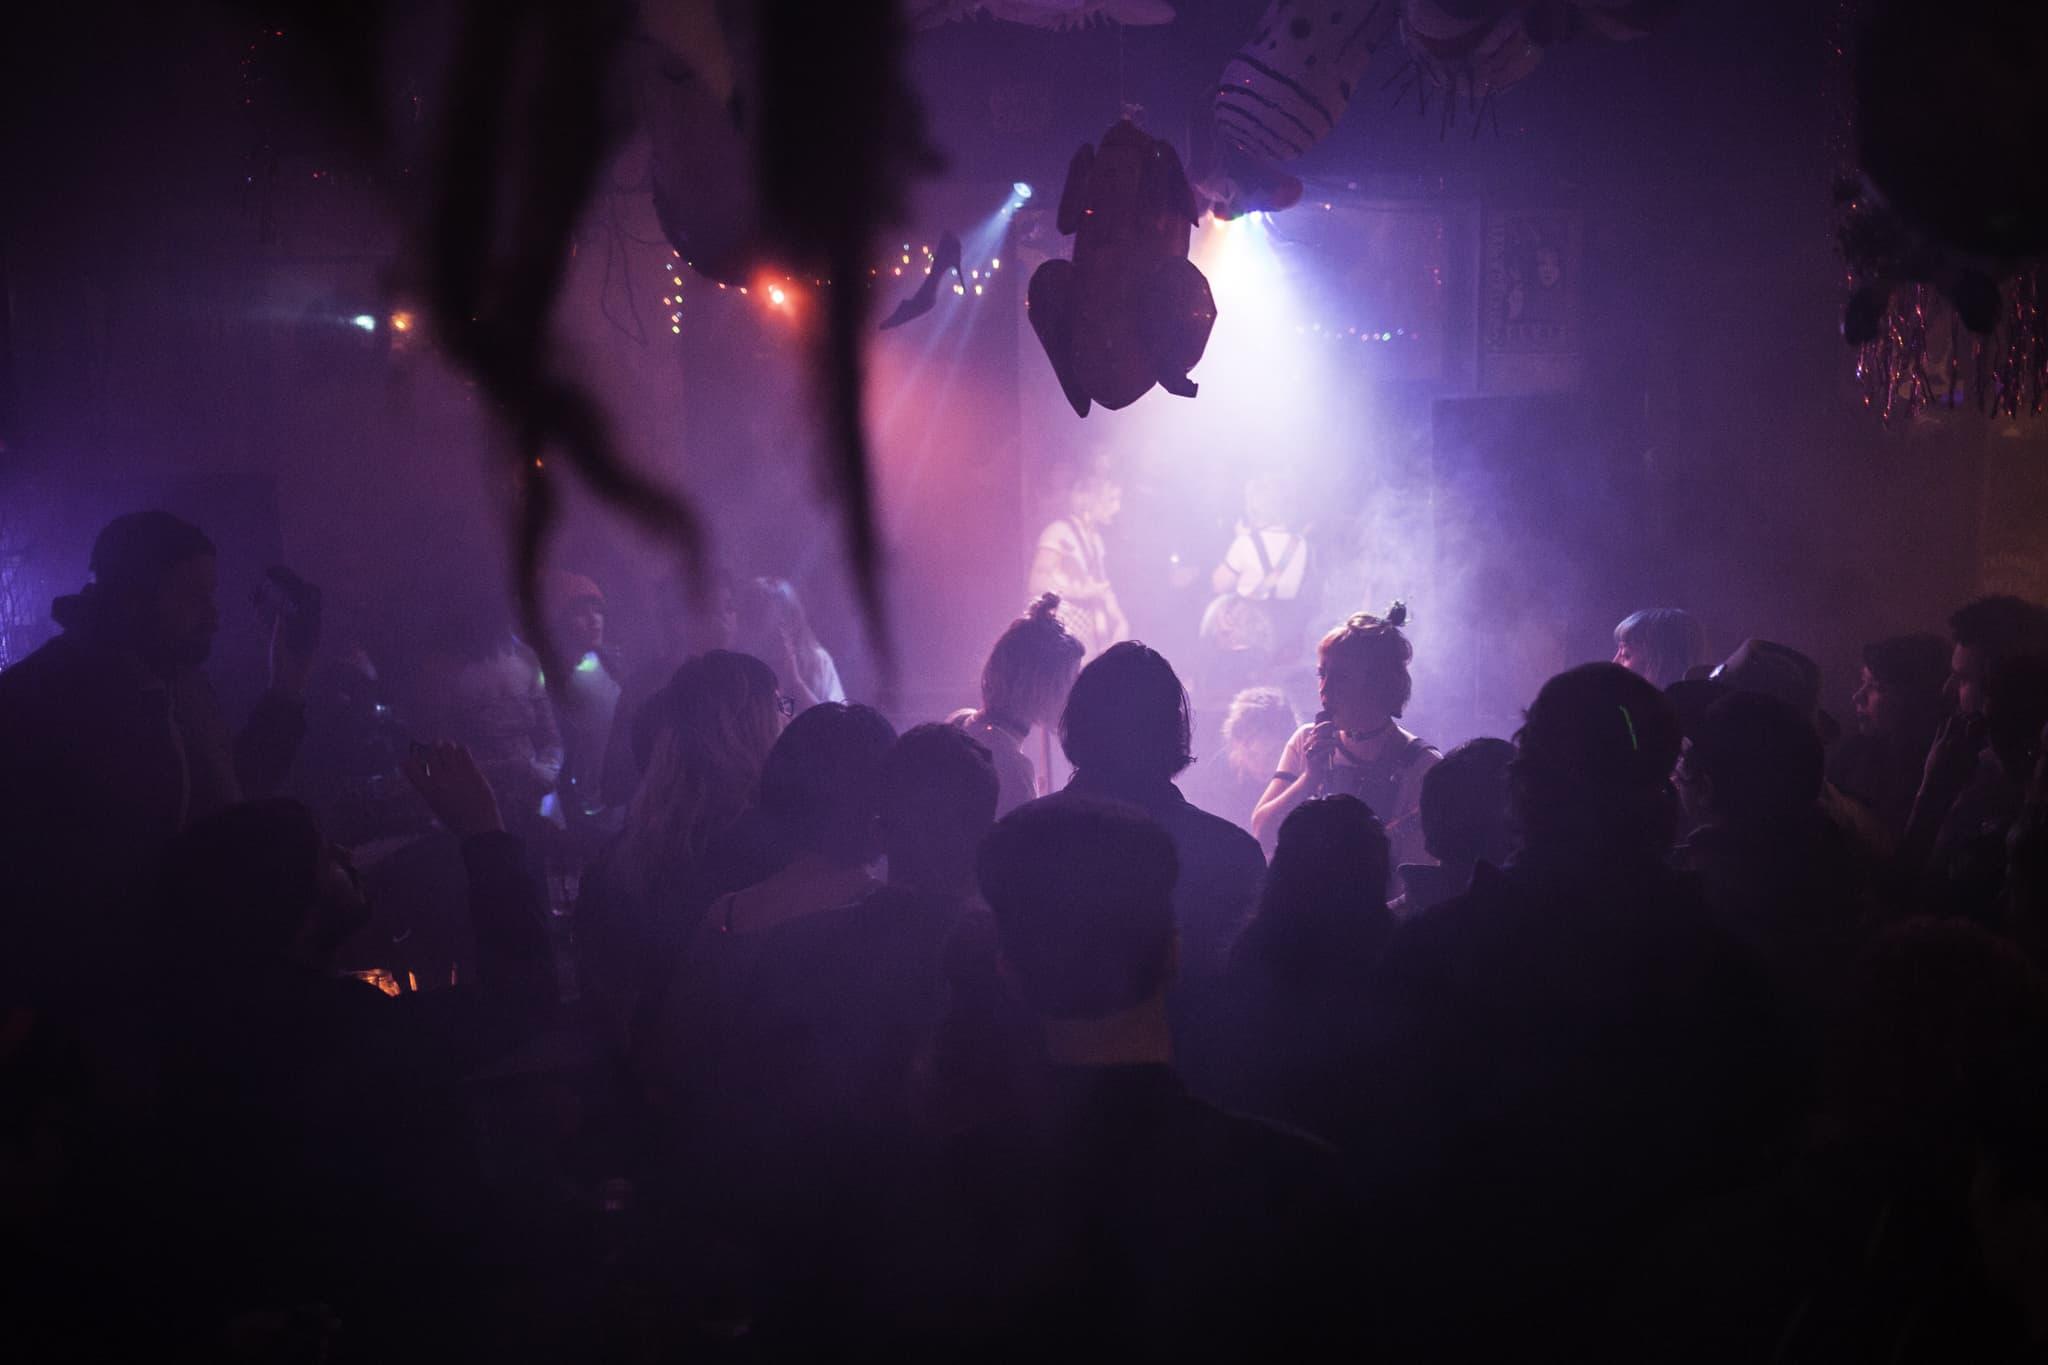 Freakout-Fest-Jake-Hanson-15.jpg